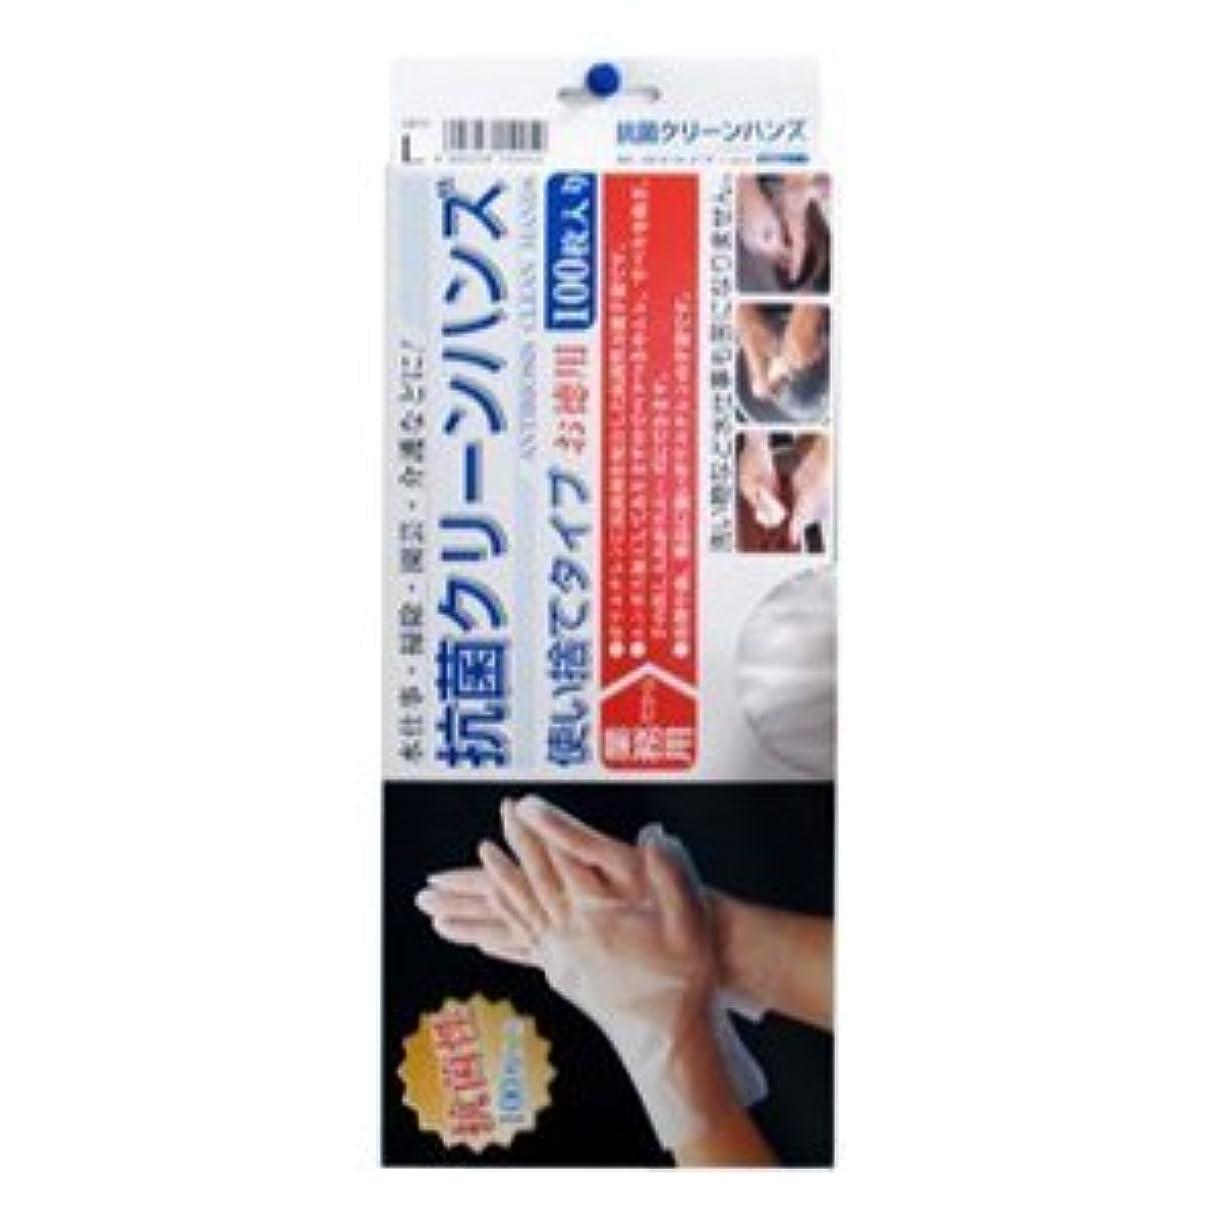 一定敵遊び場抗菌クリーンハンズ箱入 Lサイズ(100枚箱入) - ポリエチレンに抗菌剤を配合した抗菌性万能手袋です。